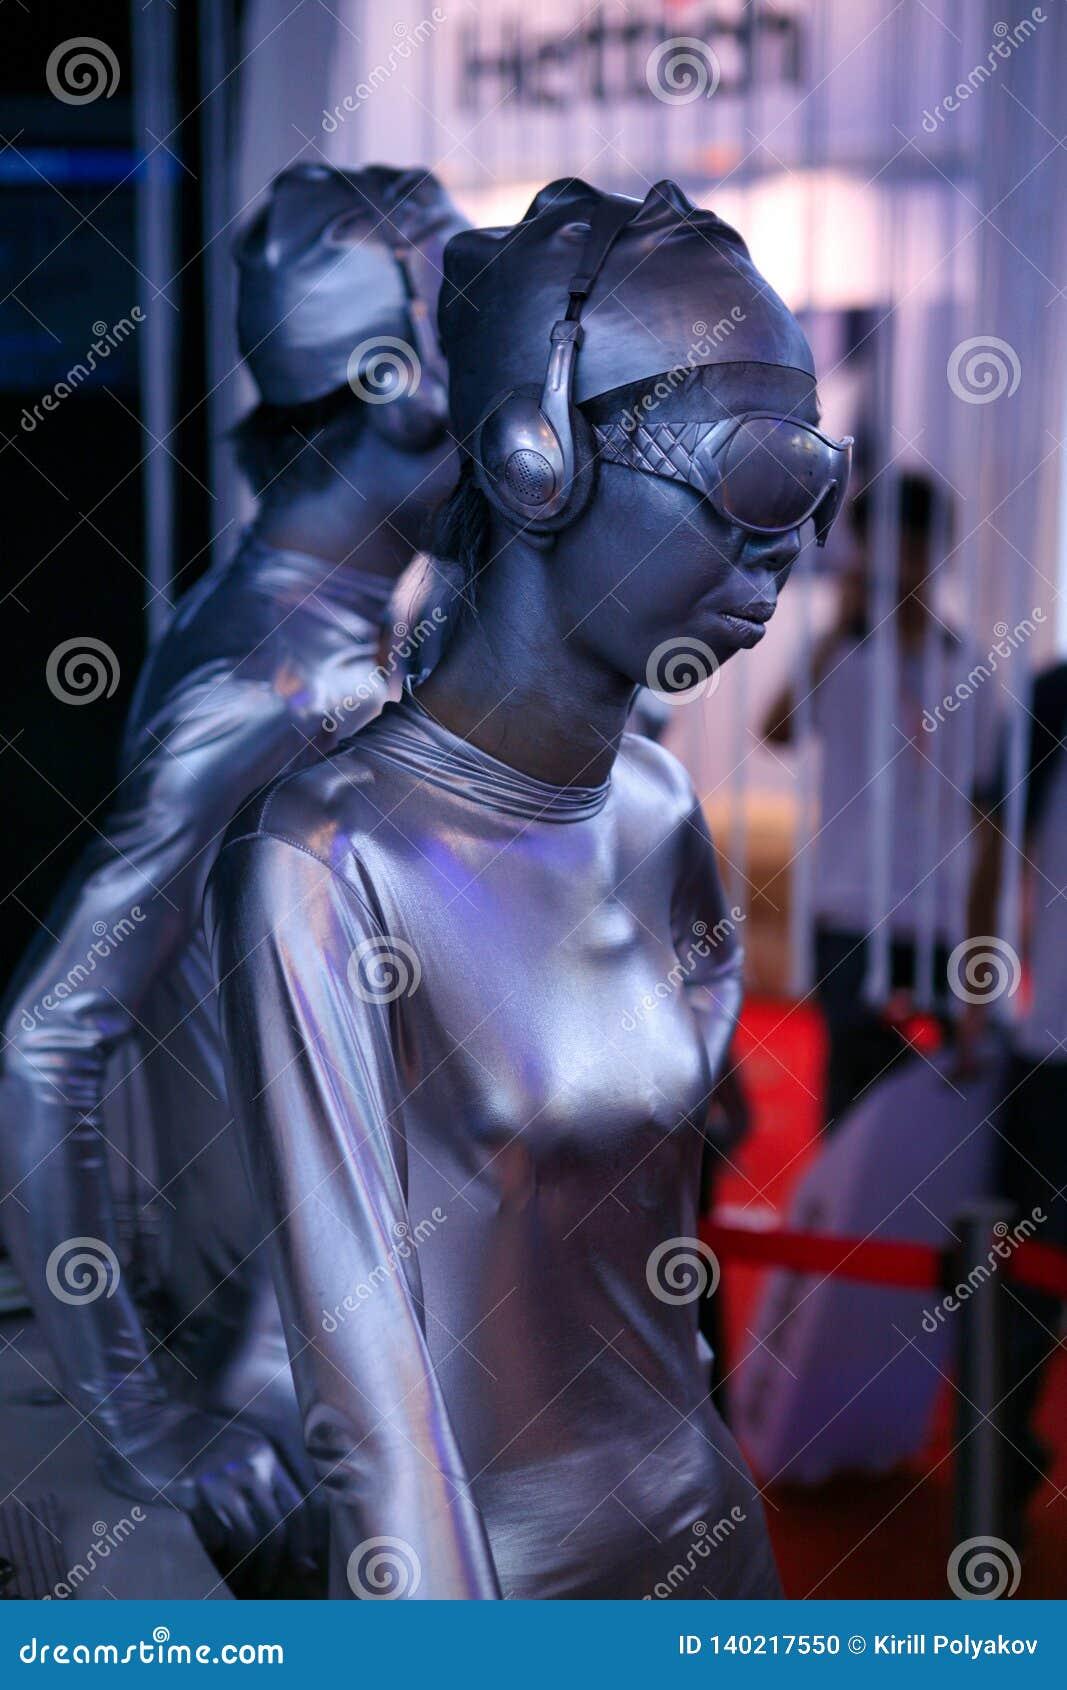 China, Pekín - 10 de junio de 2018: Muchachas modelo chinas de plata en una exposición en Pekín con un aspecto muy inusual